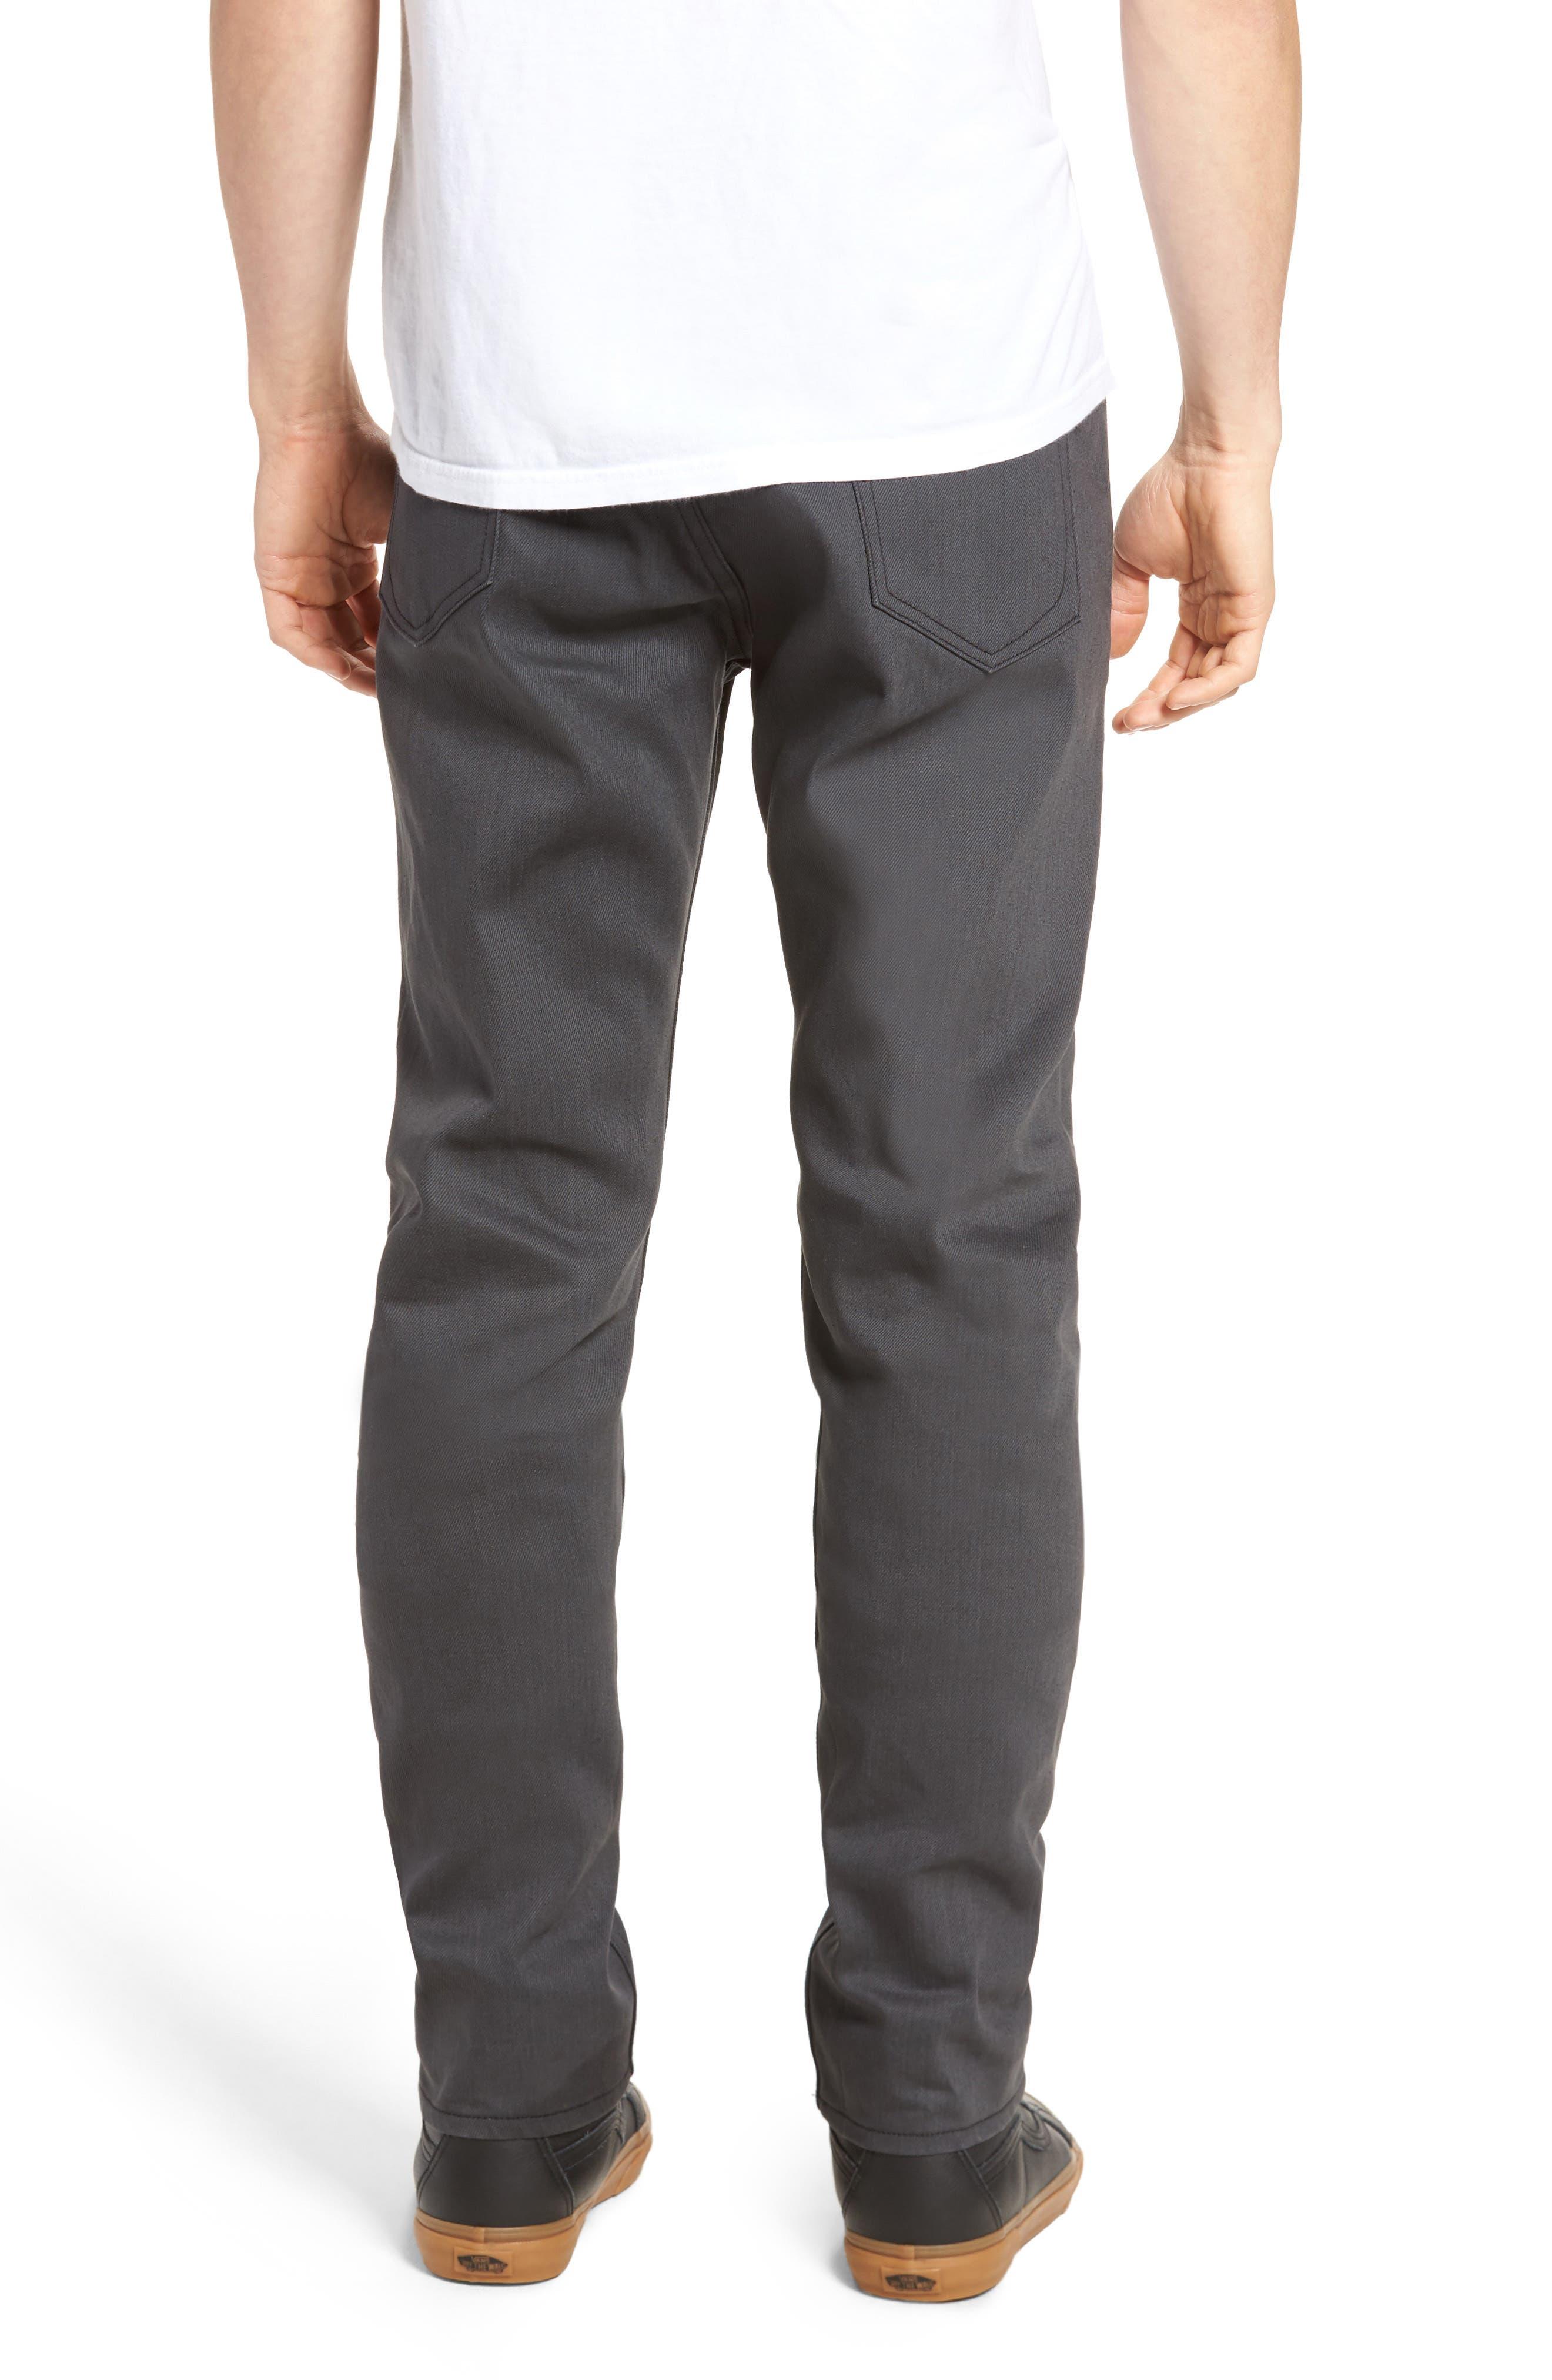 Fit 2 Slim Fit Jeans,                             Alternate thumbnail 2, color,                             002